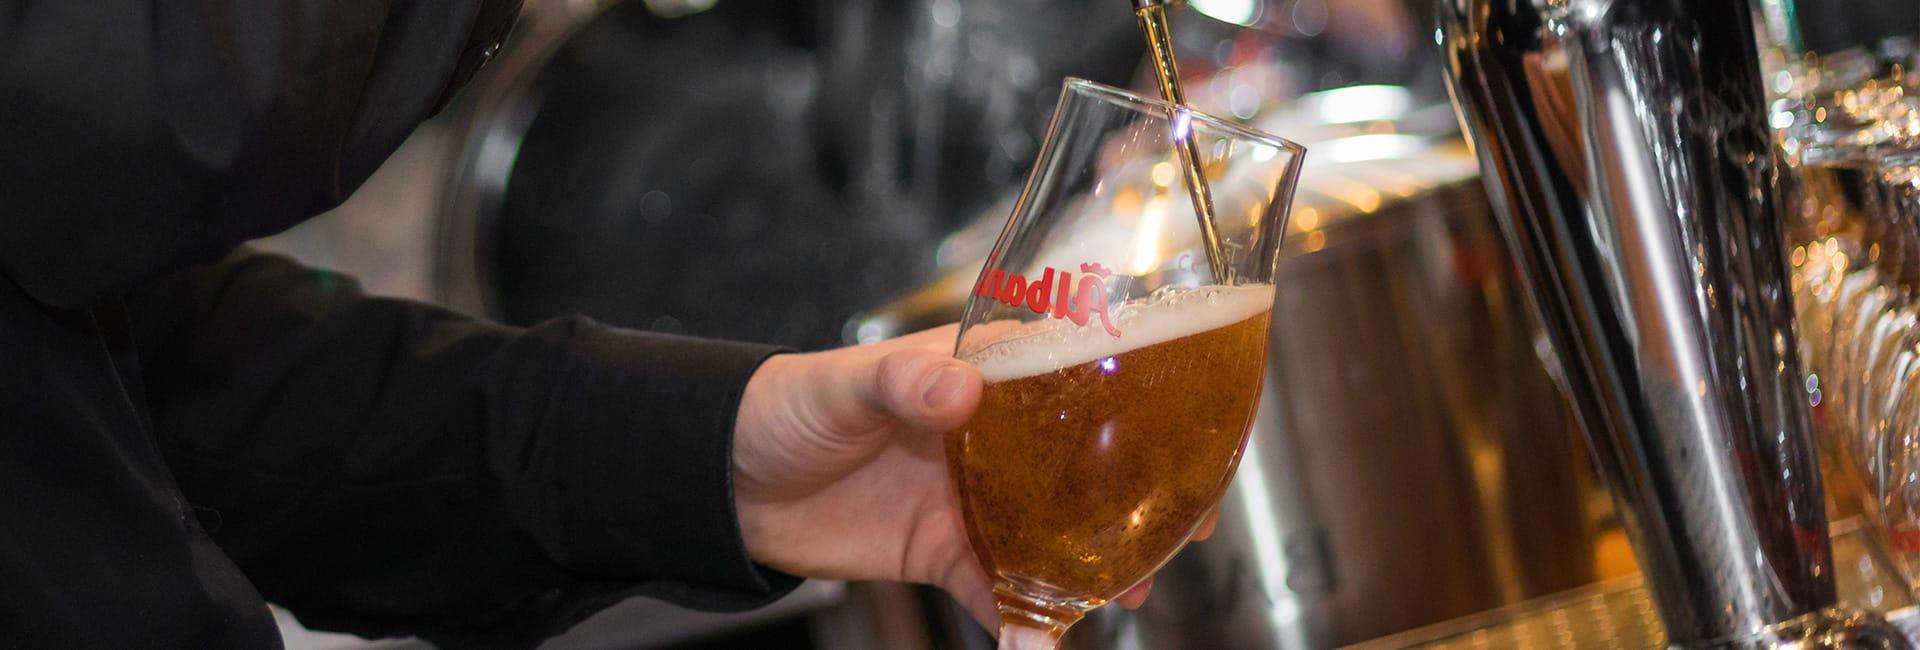 øl på fad hos City Bowling